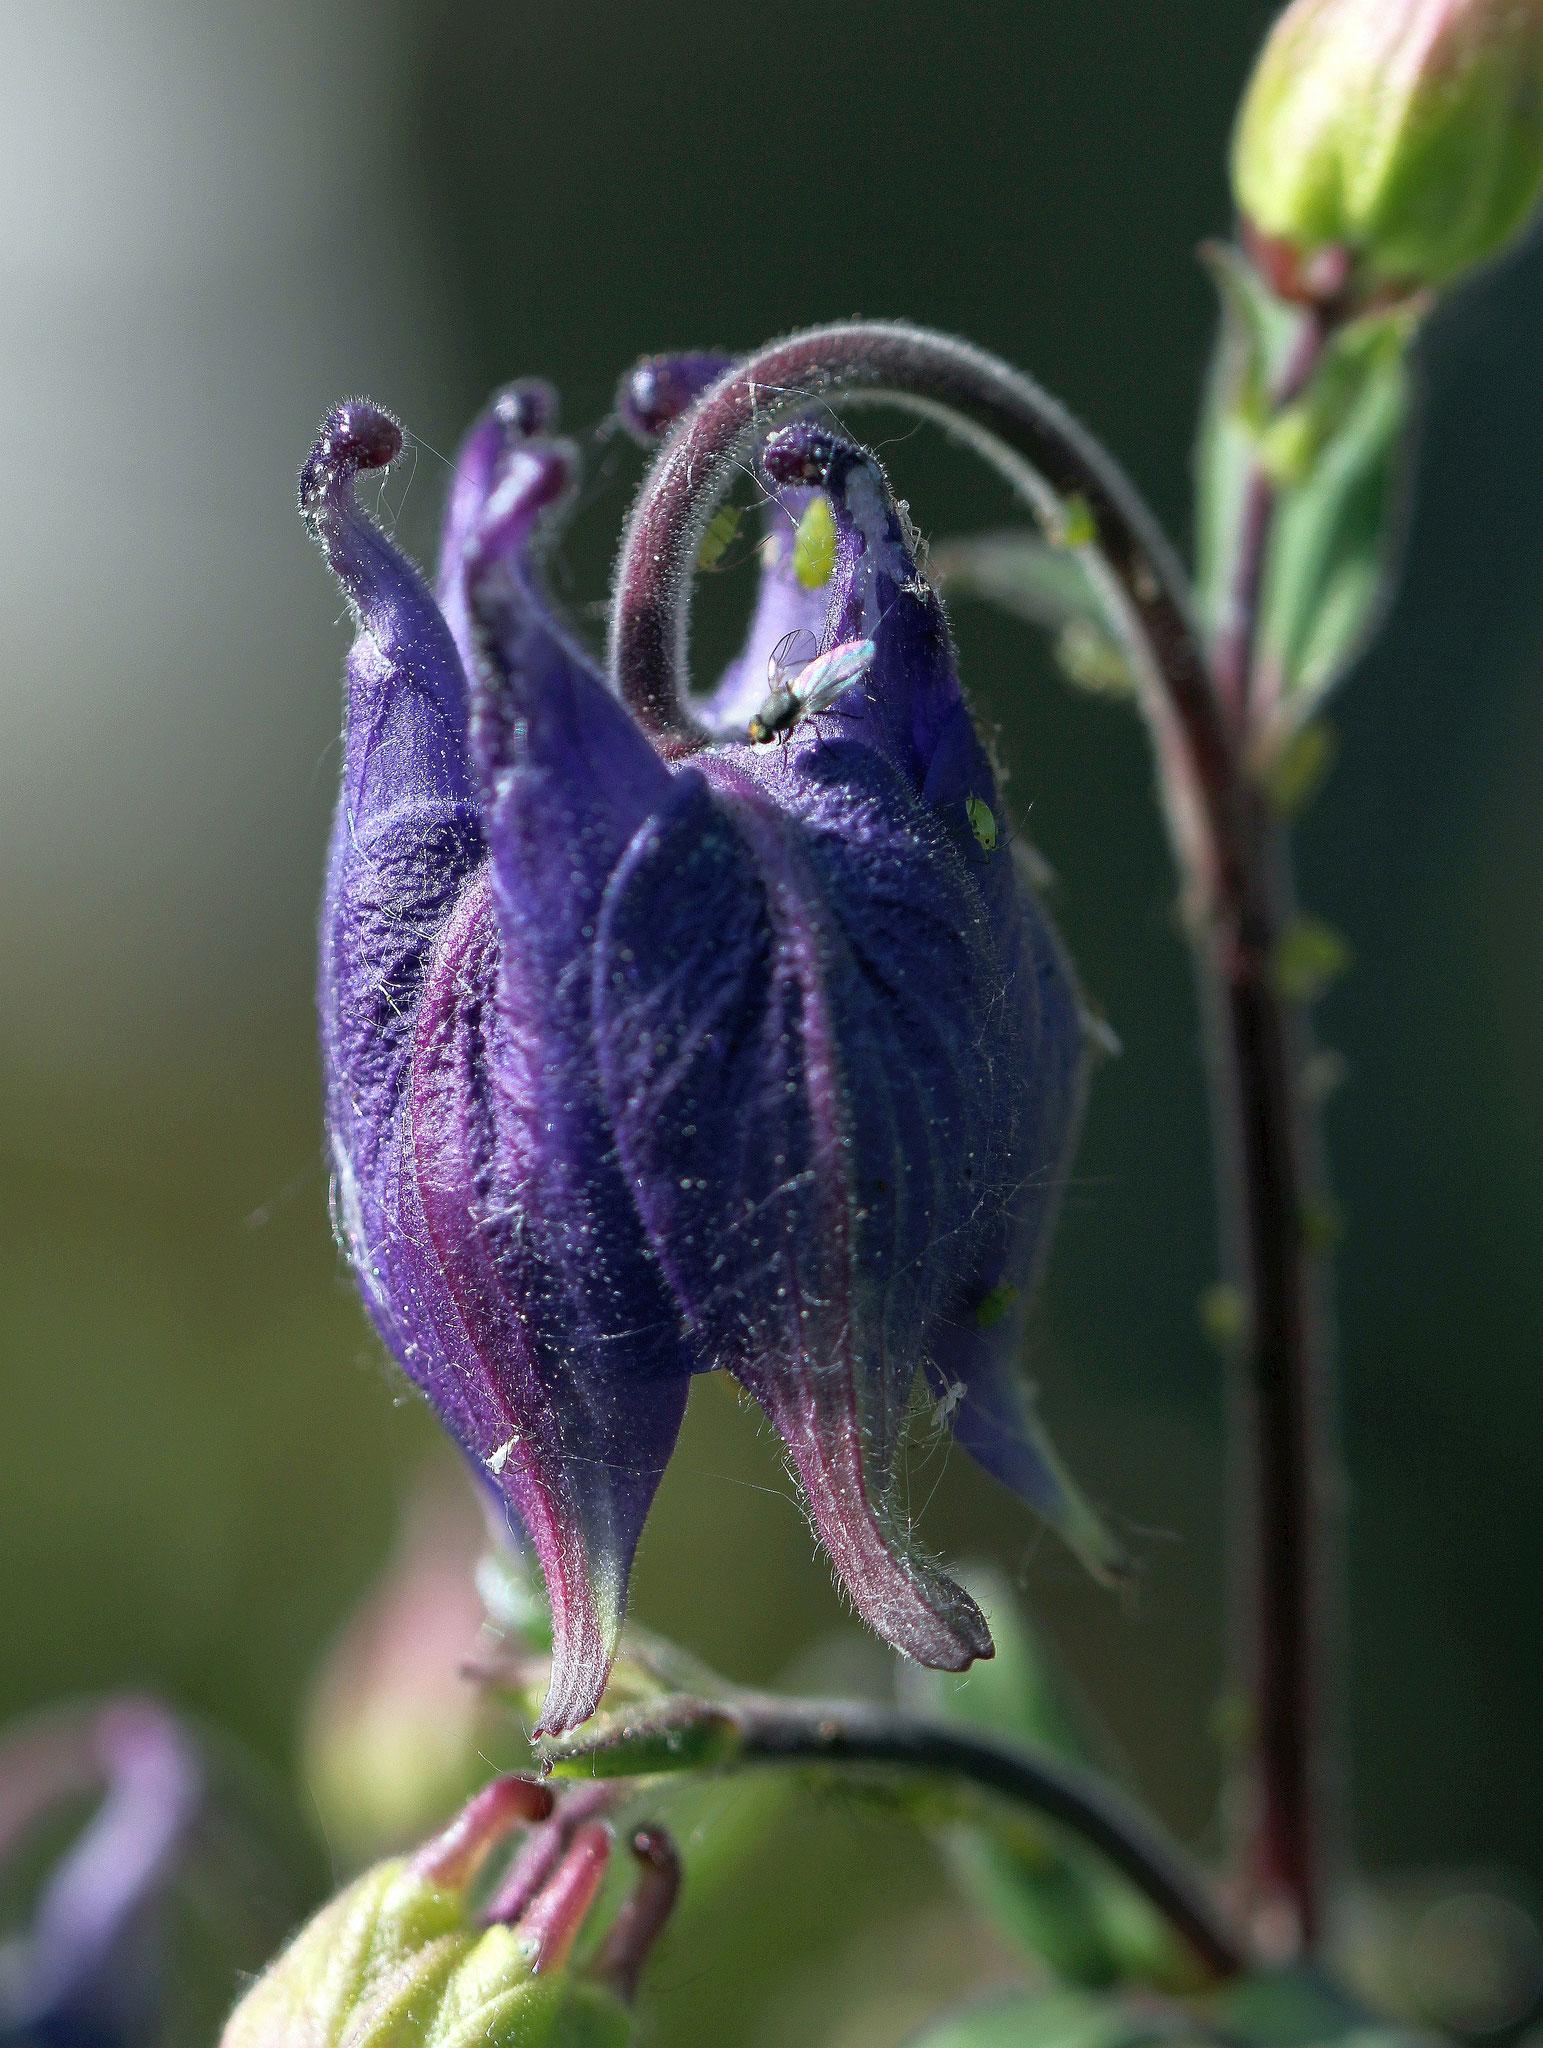 Akelei im Garten - Foto: Volker Svensson